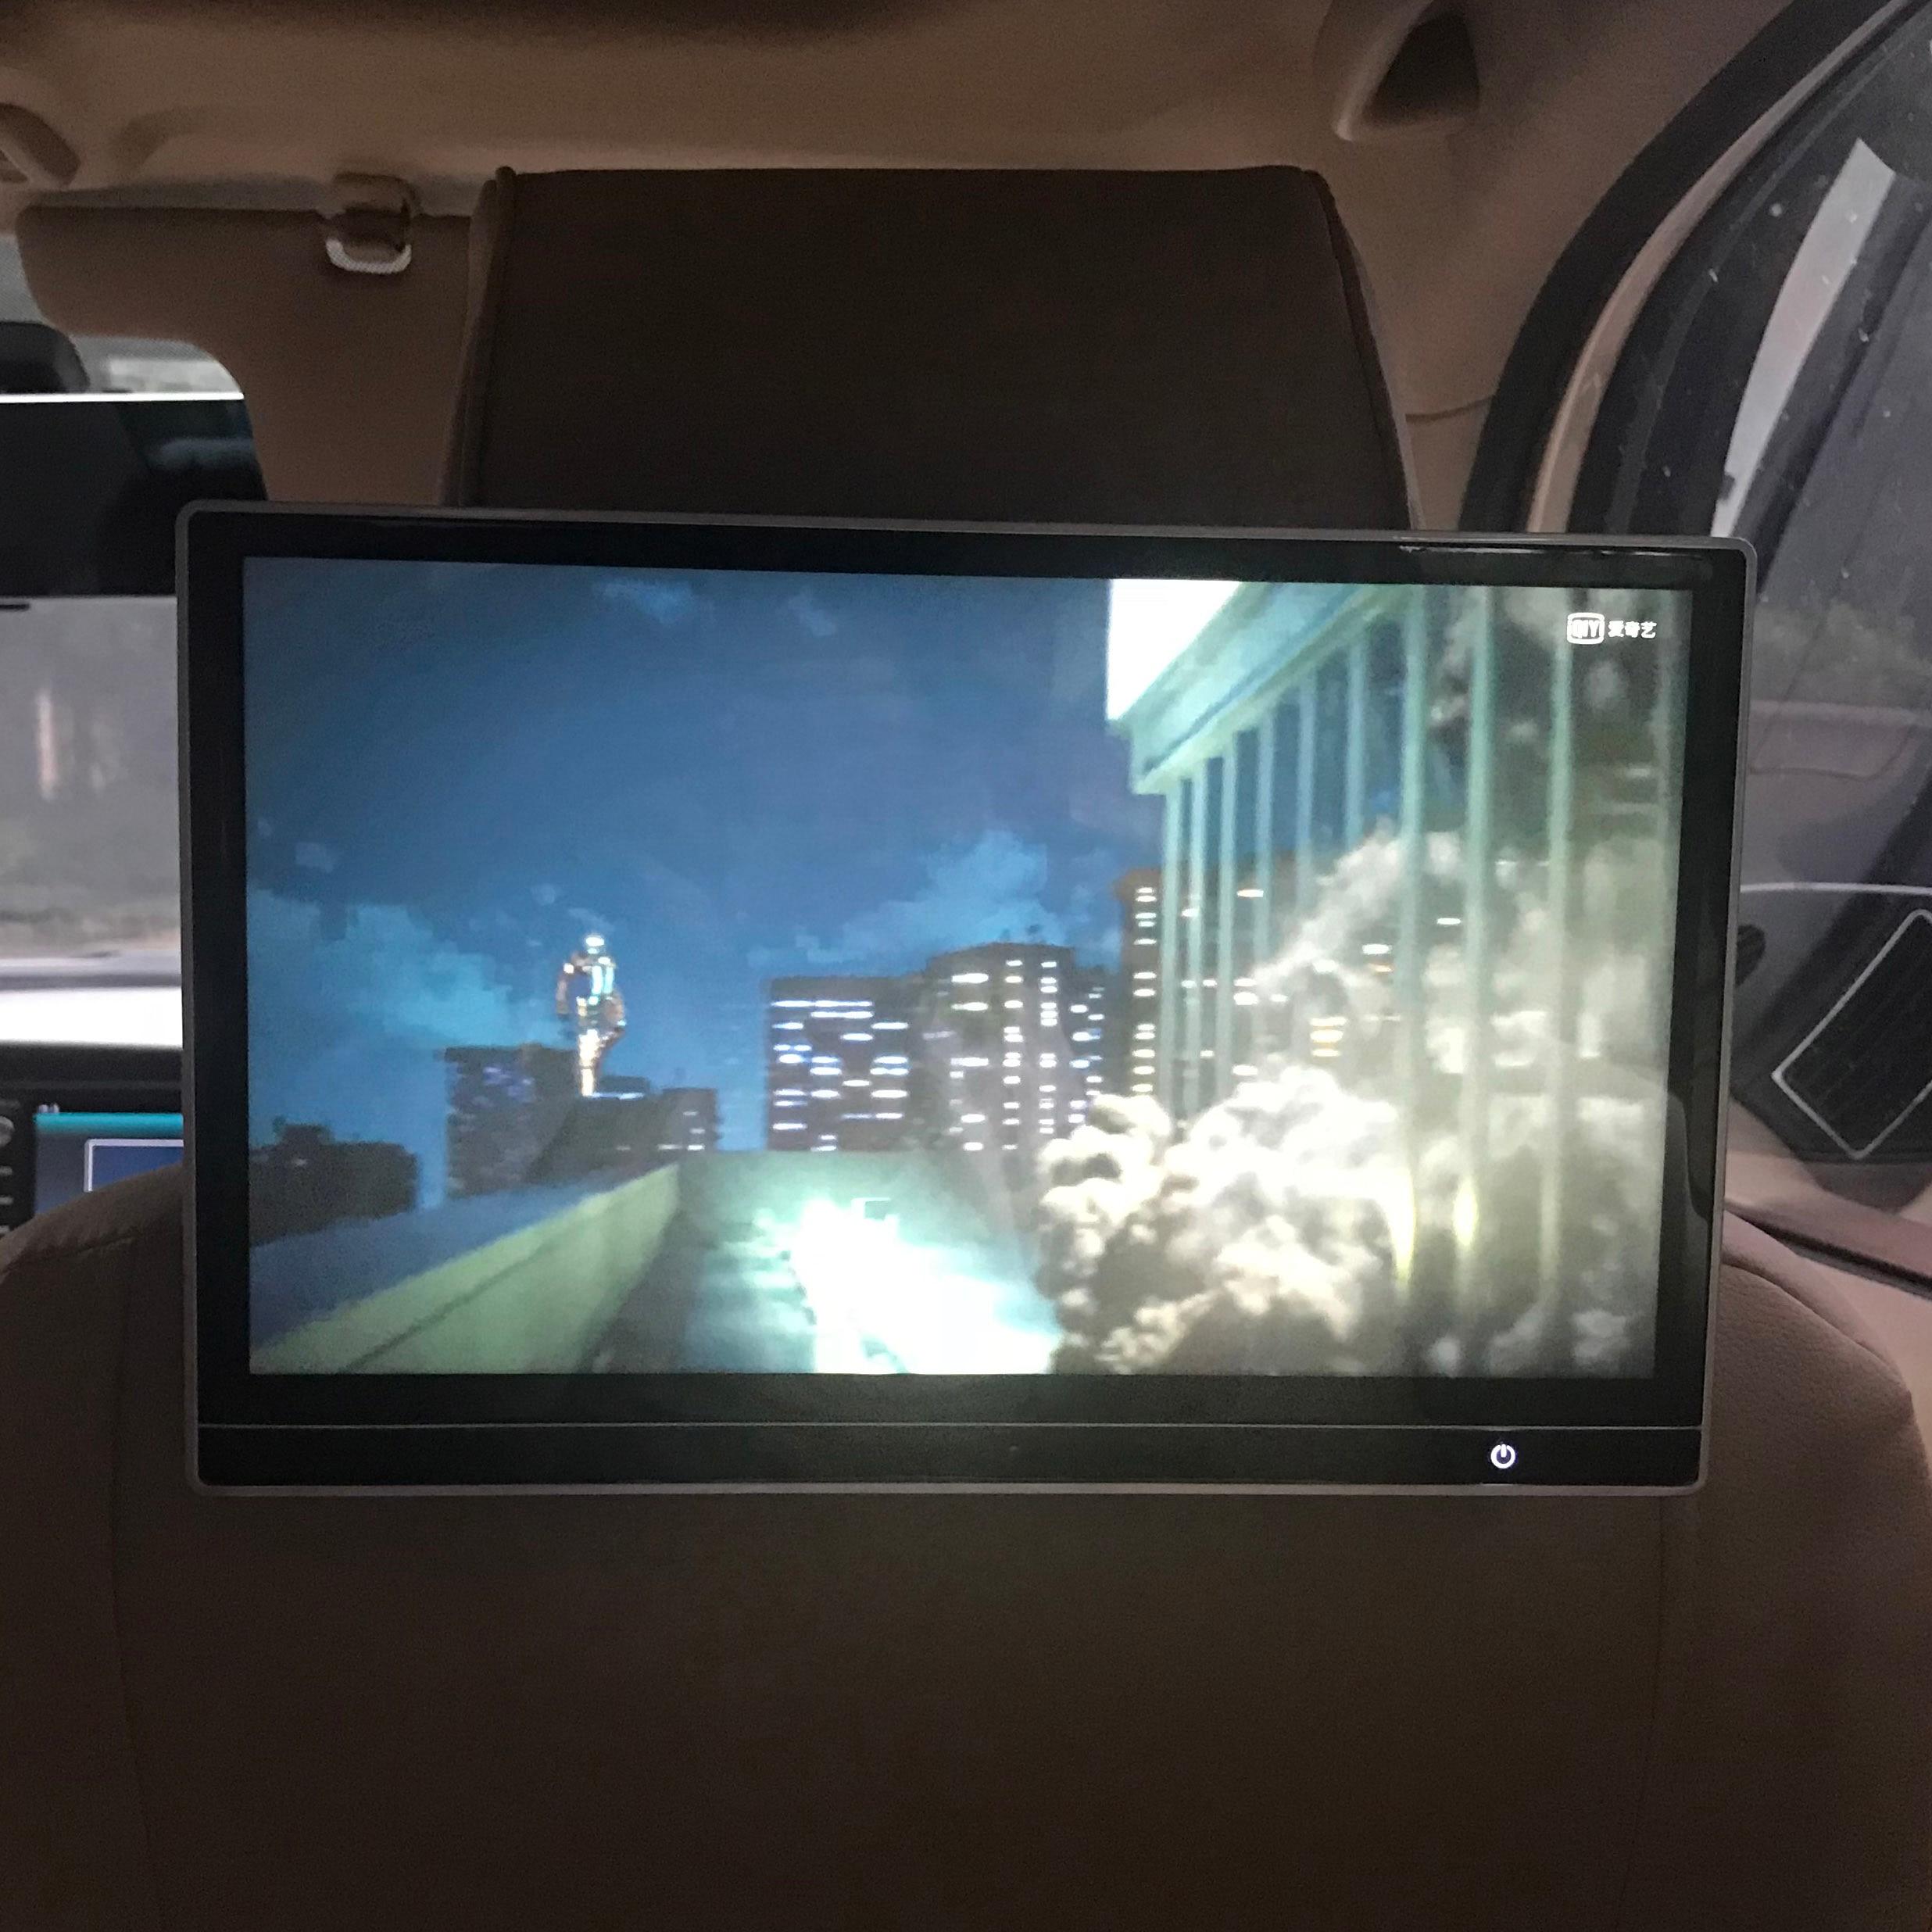 12,5 дюймов Автомобильная Android 8,1 развлекательная система заднего сиденья Aux Fm ИК передатчик Bluetooth HDMI USB для Cadillac ATS XT6 CTS DTS